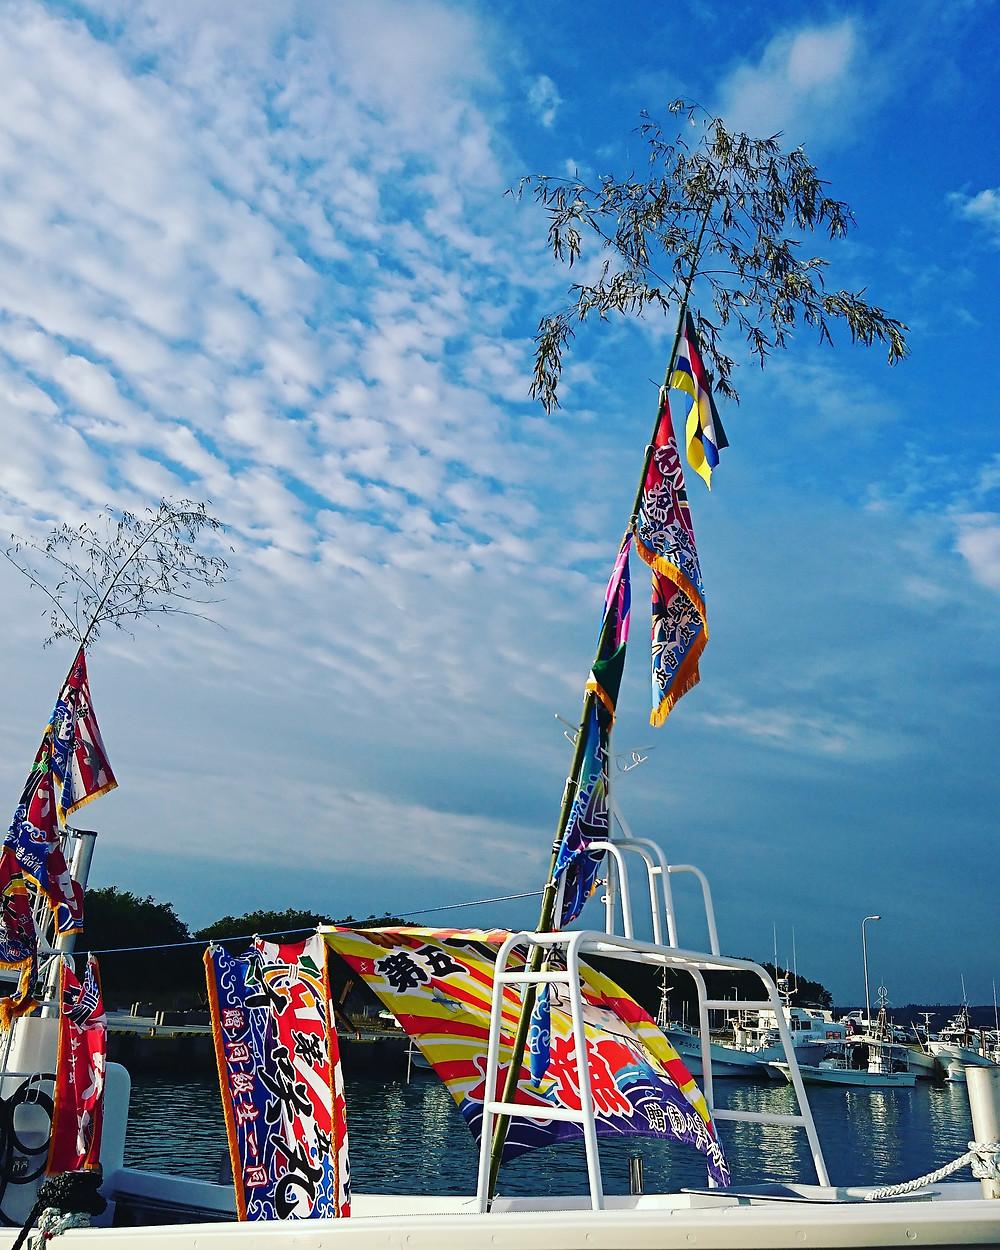 辺野古 防衛局 調査ダイビング 作業ダイビング 新艇 進水